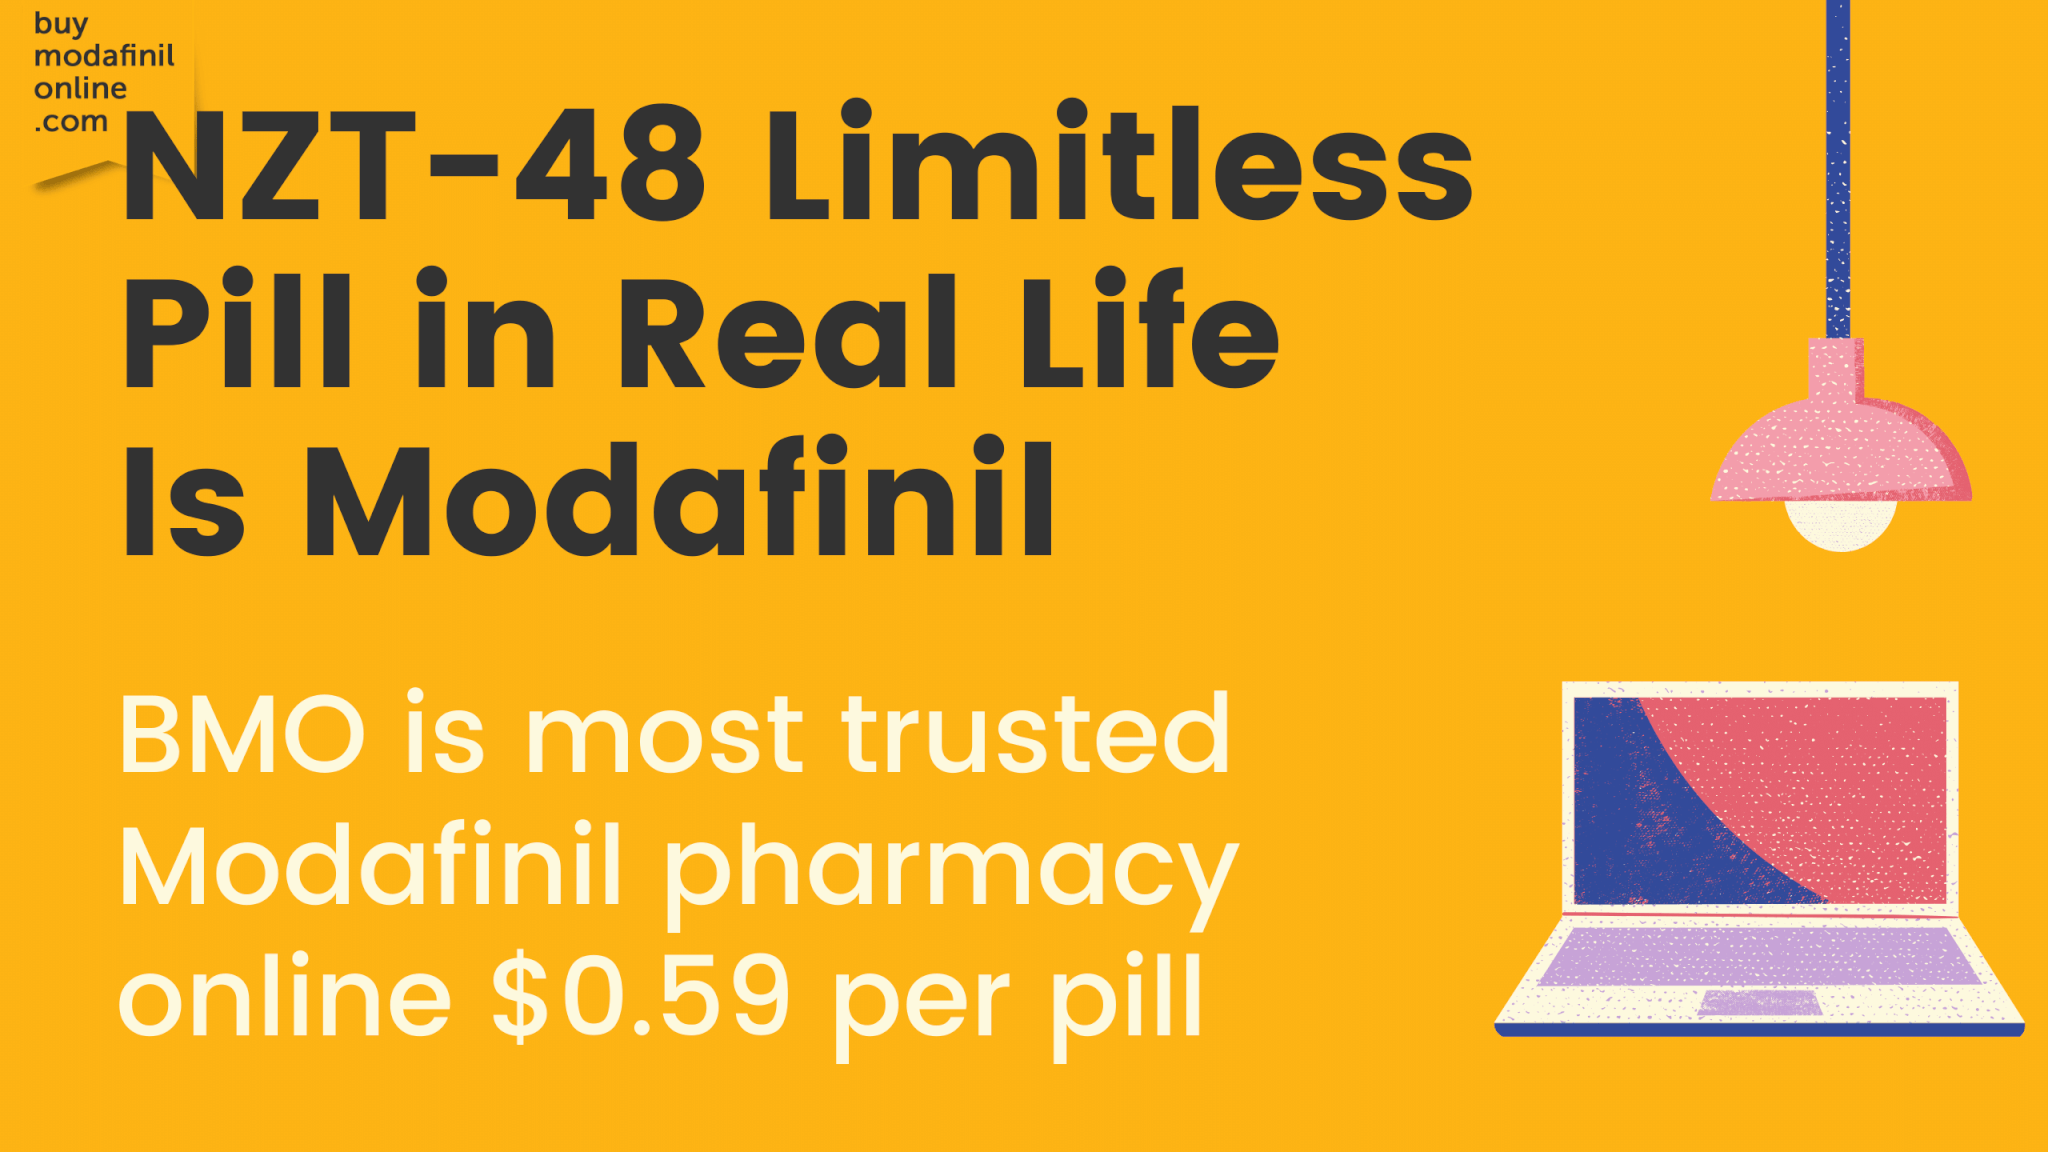 Limitless NZT-48 et son médicament certifié pour la vie réelle